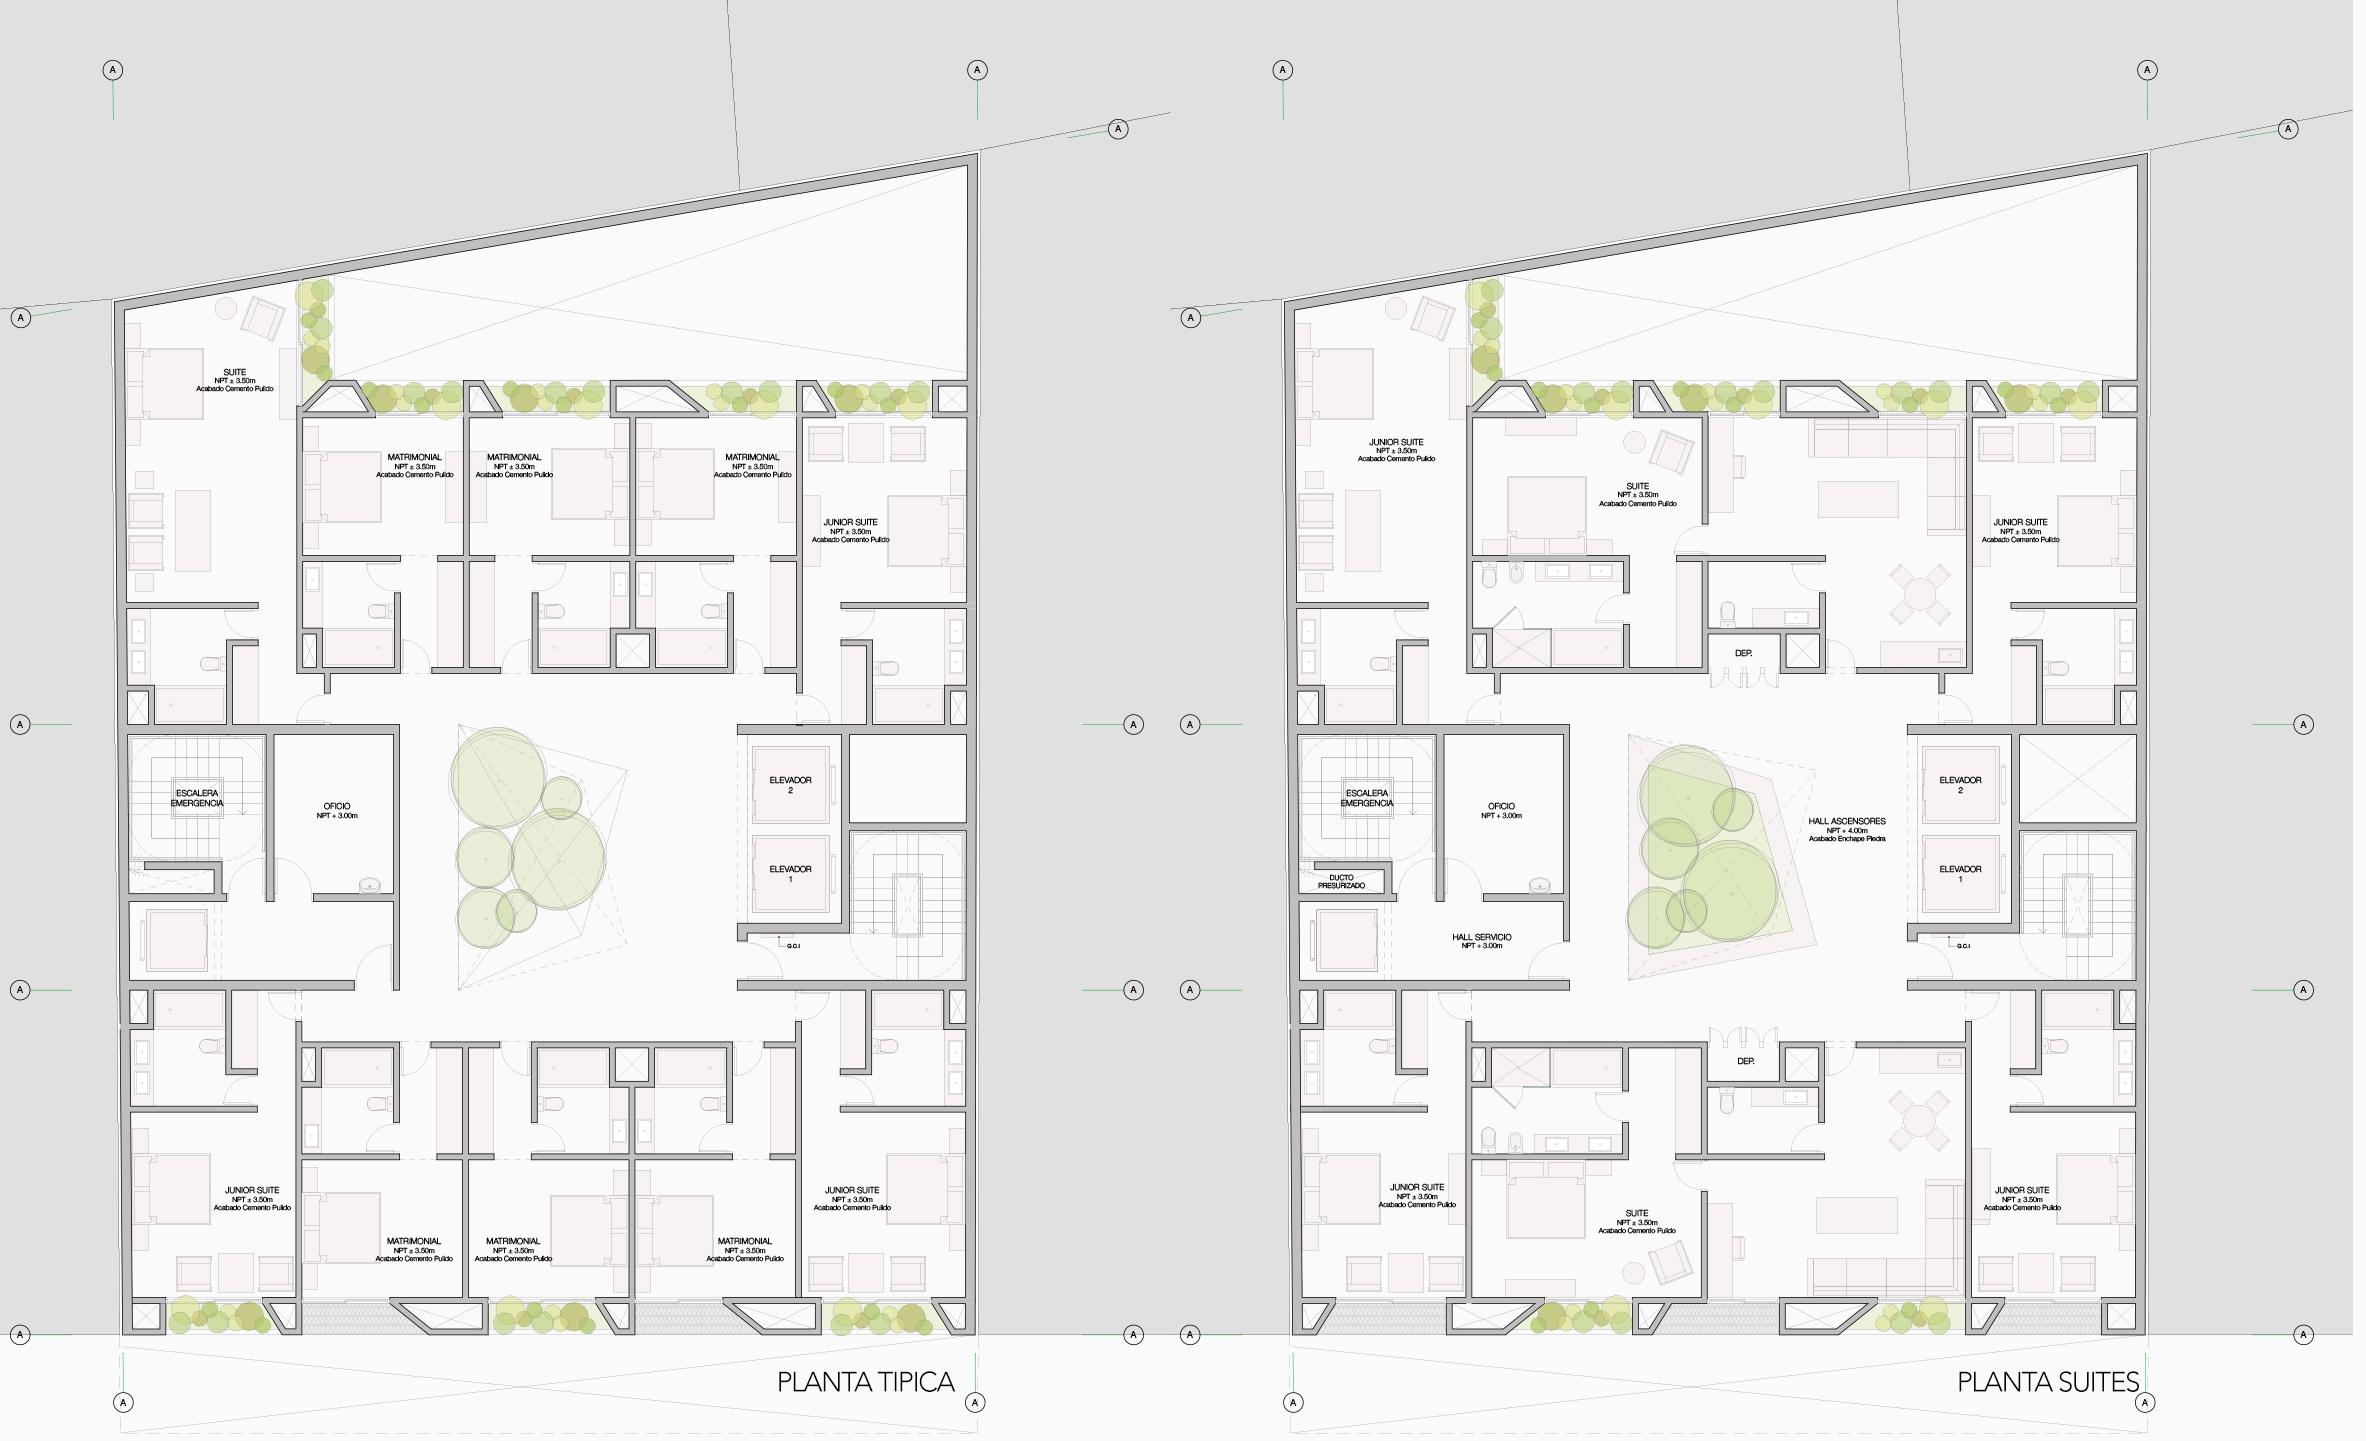 Planta Tipica + Planta Suites